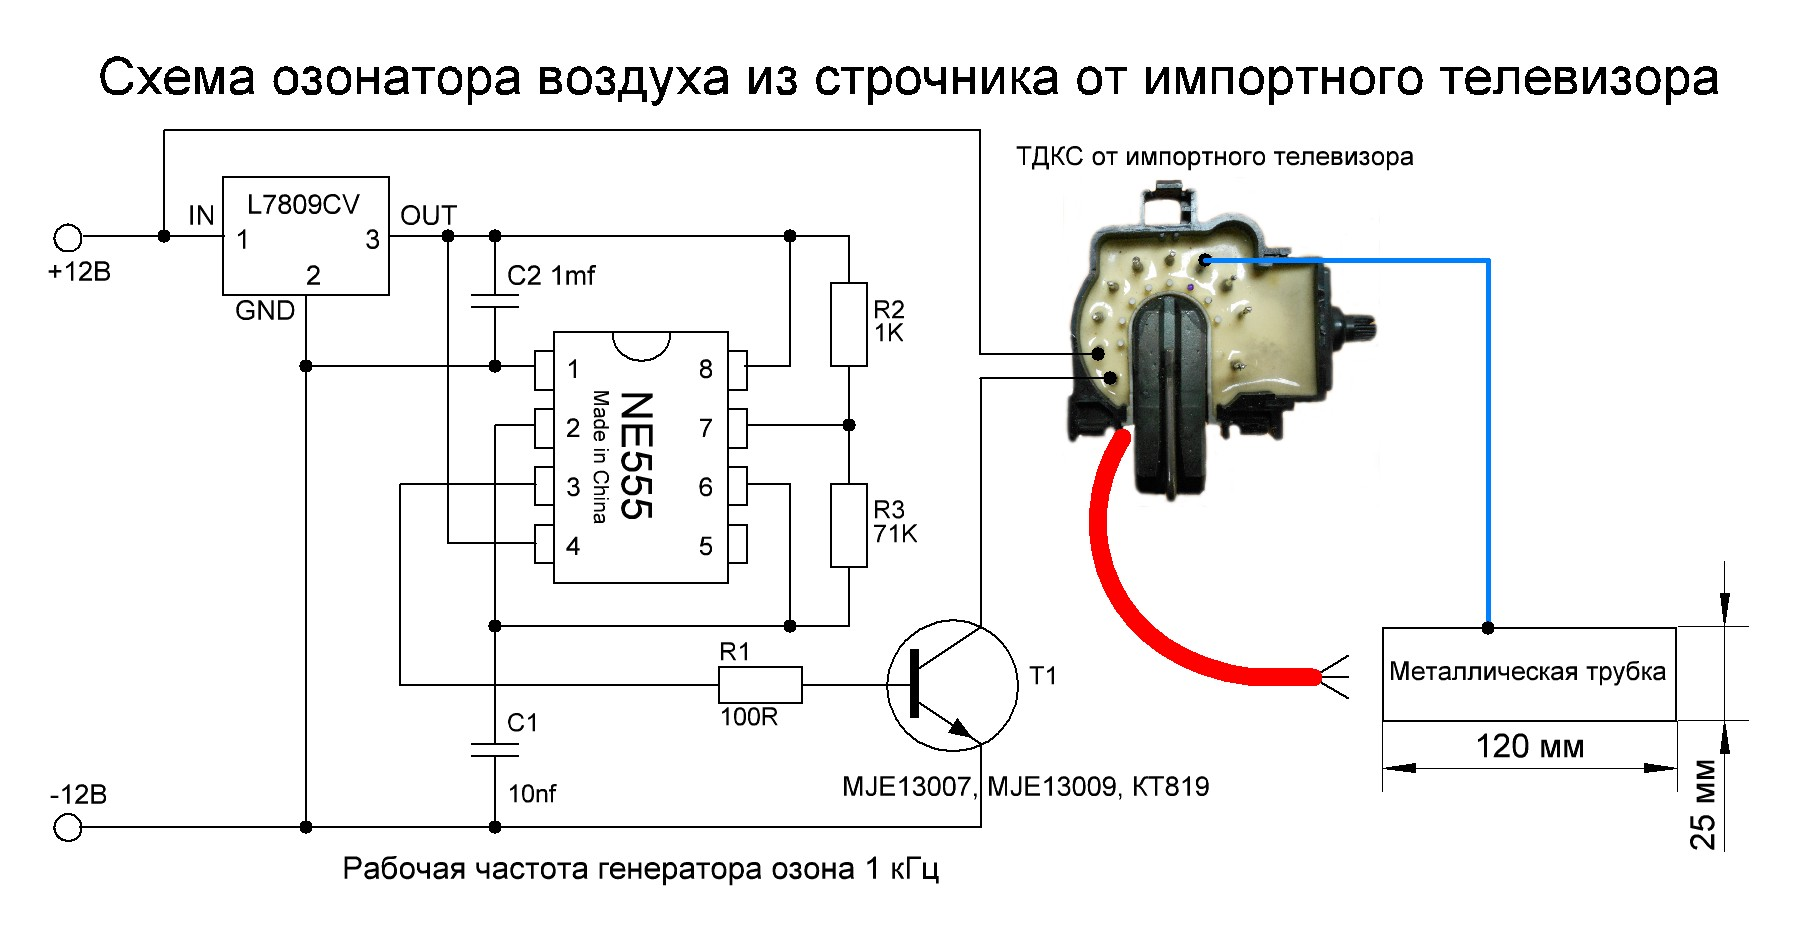 Генератор озона (озонатор воздуха) из строчника от импортного телевизора